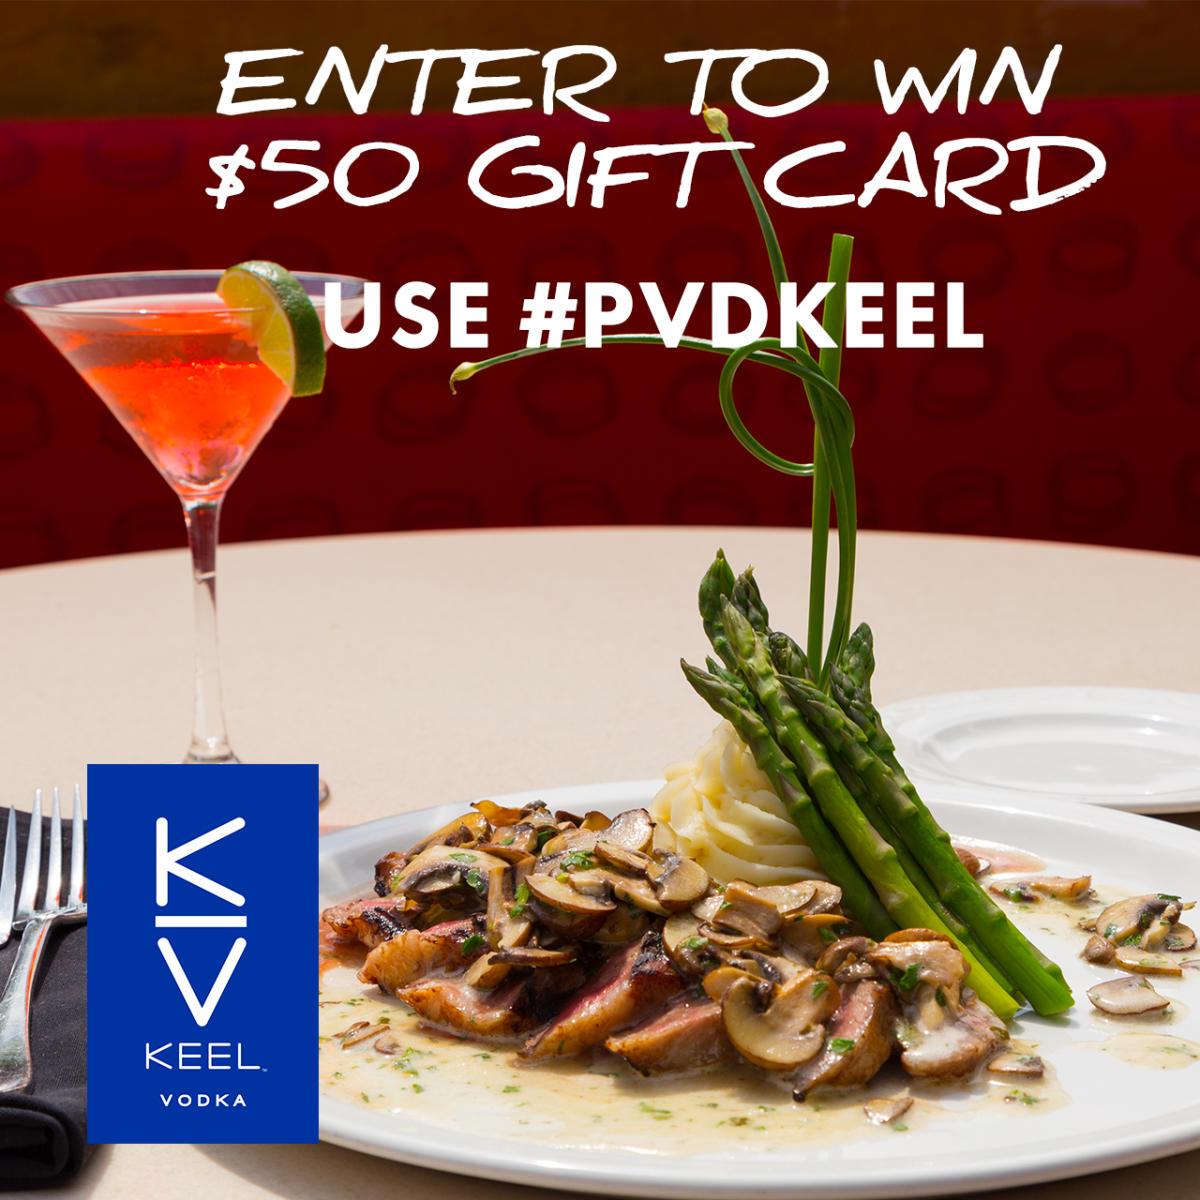 Keel Vodka Instagram Contest